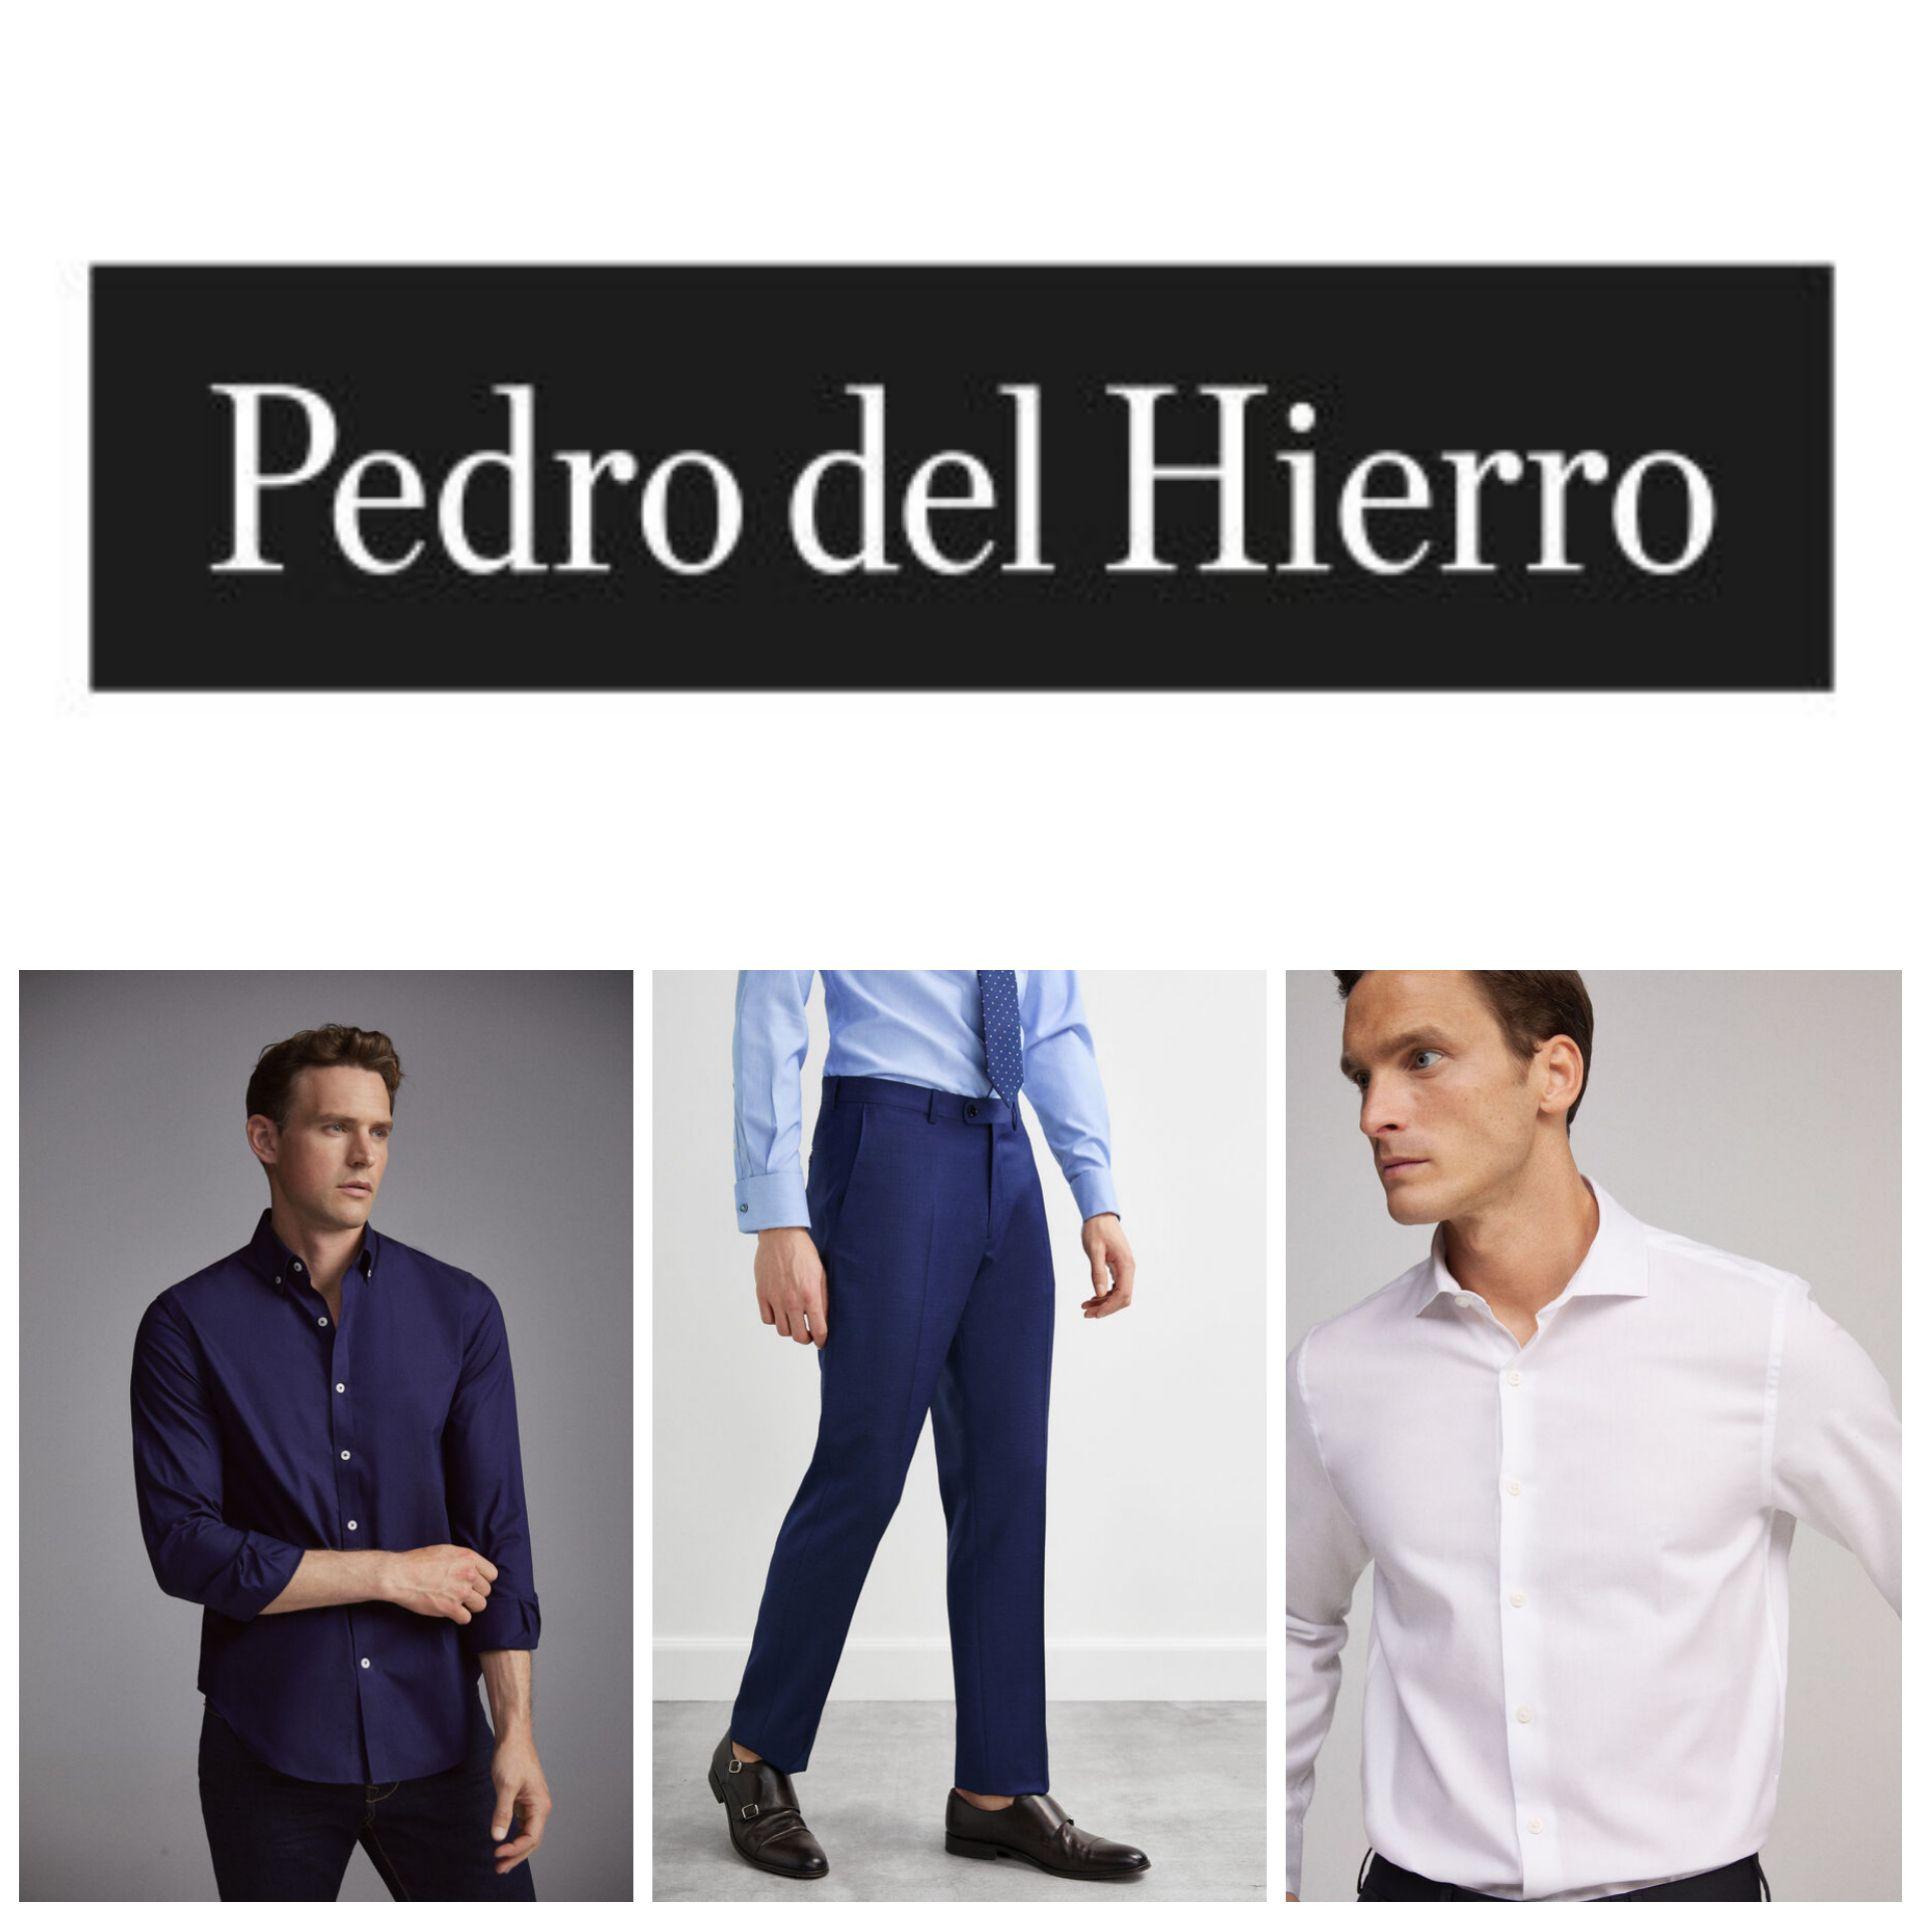 Camisas y Pantalones Pedro del Hierro (Varios en Descripción)